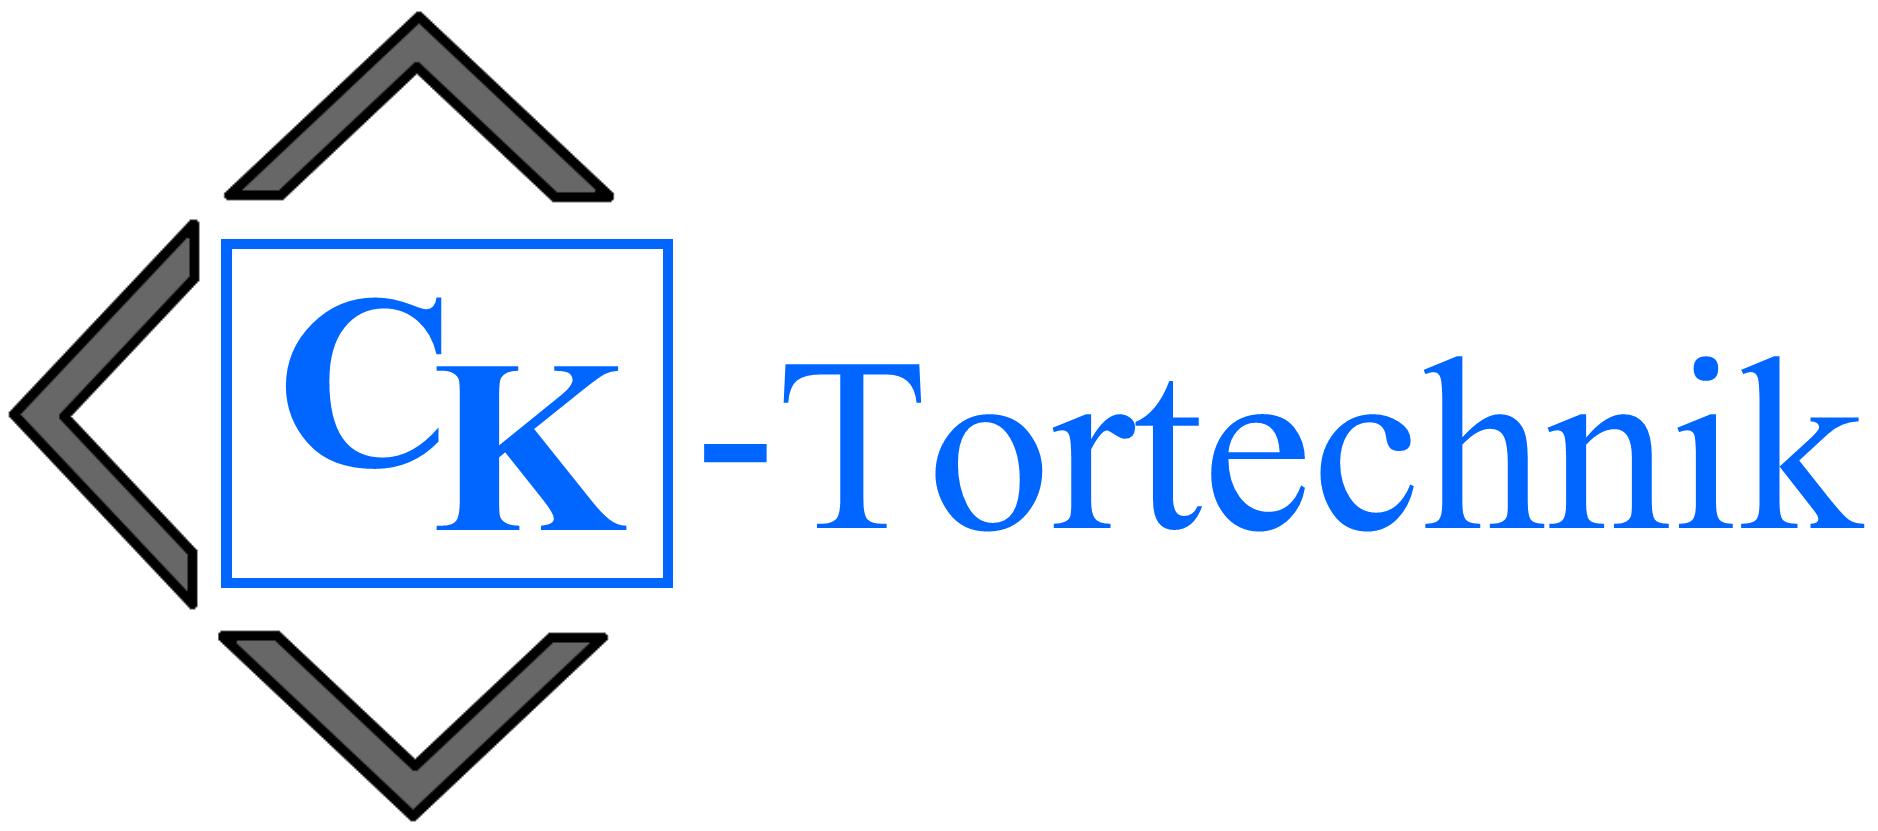 CK-Tortechnik